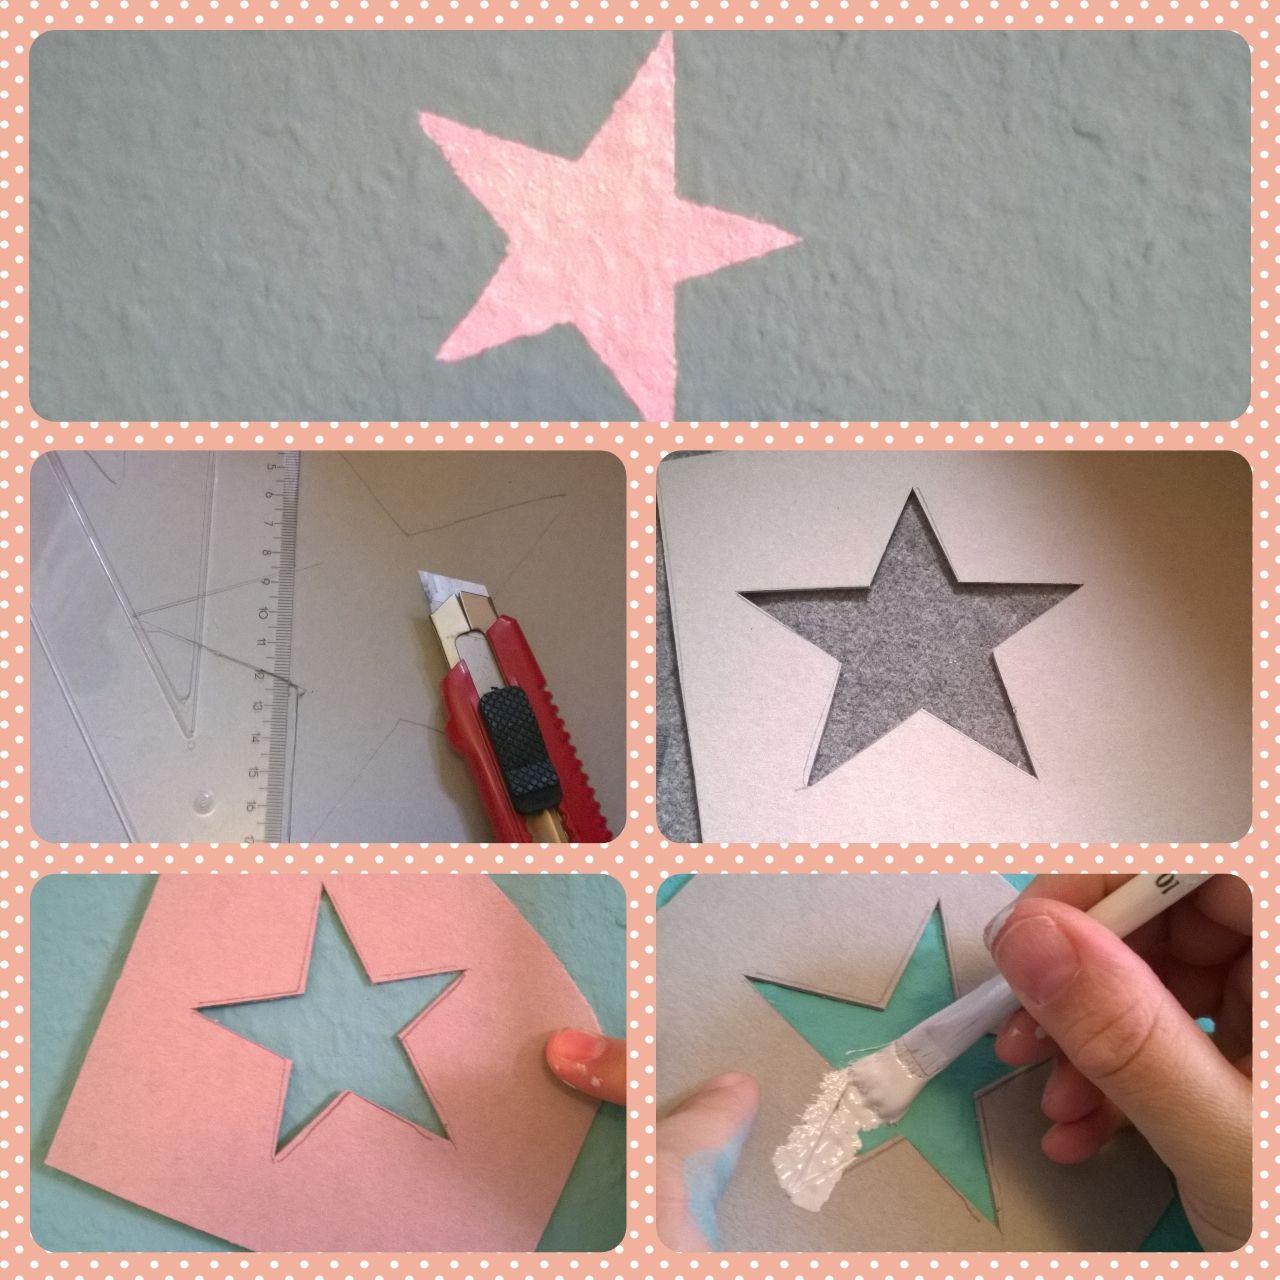 Babyzimmer wandgestaltung malen  Sterne an die Wand malen | Kinderzimmer | Pinterest | Wand malen ...